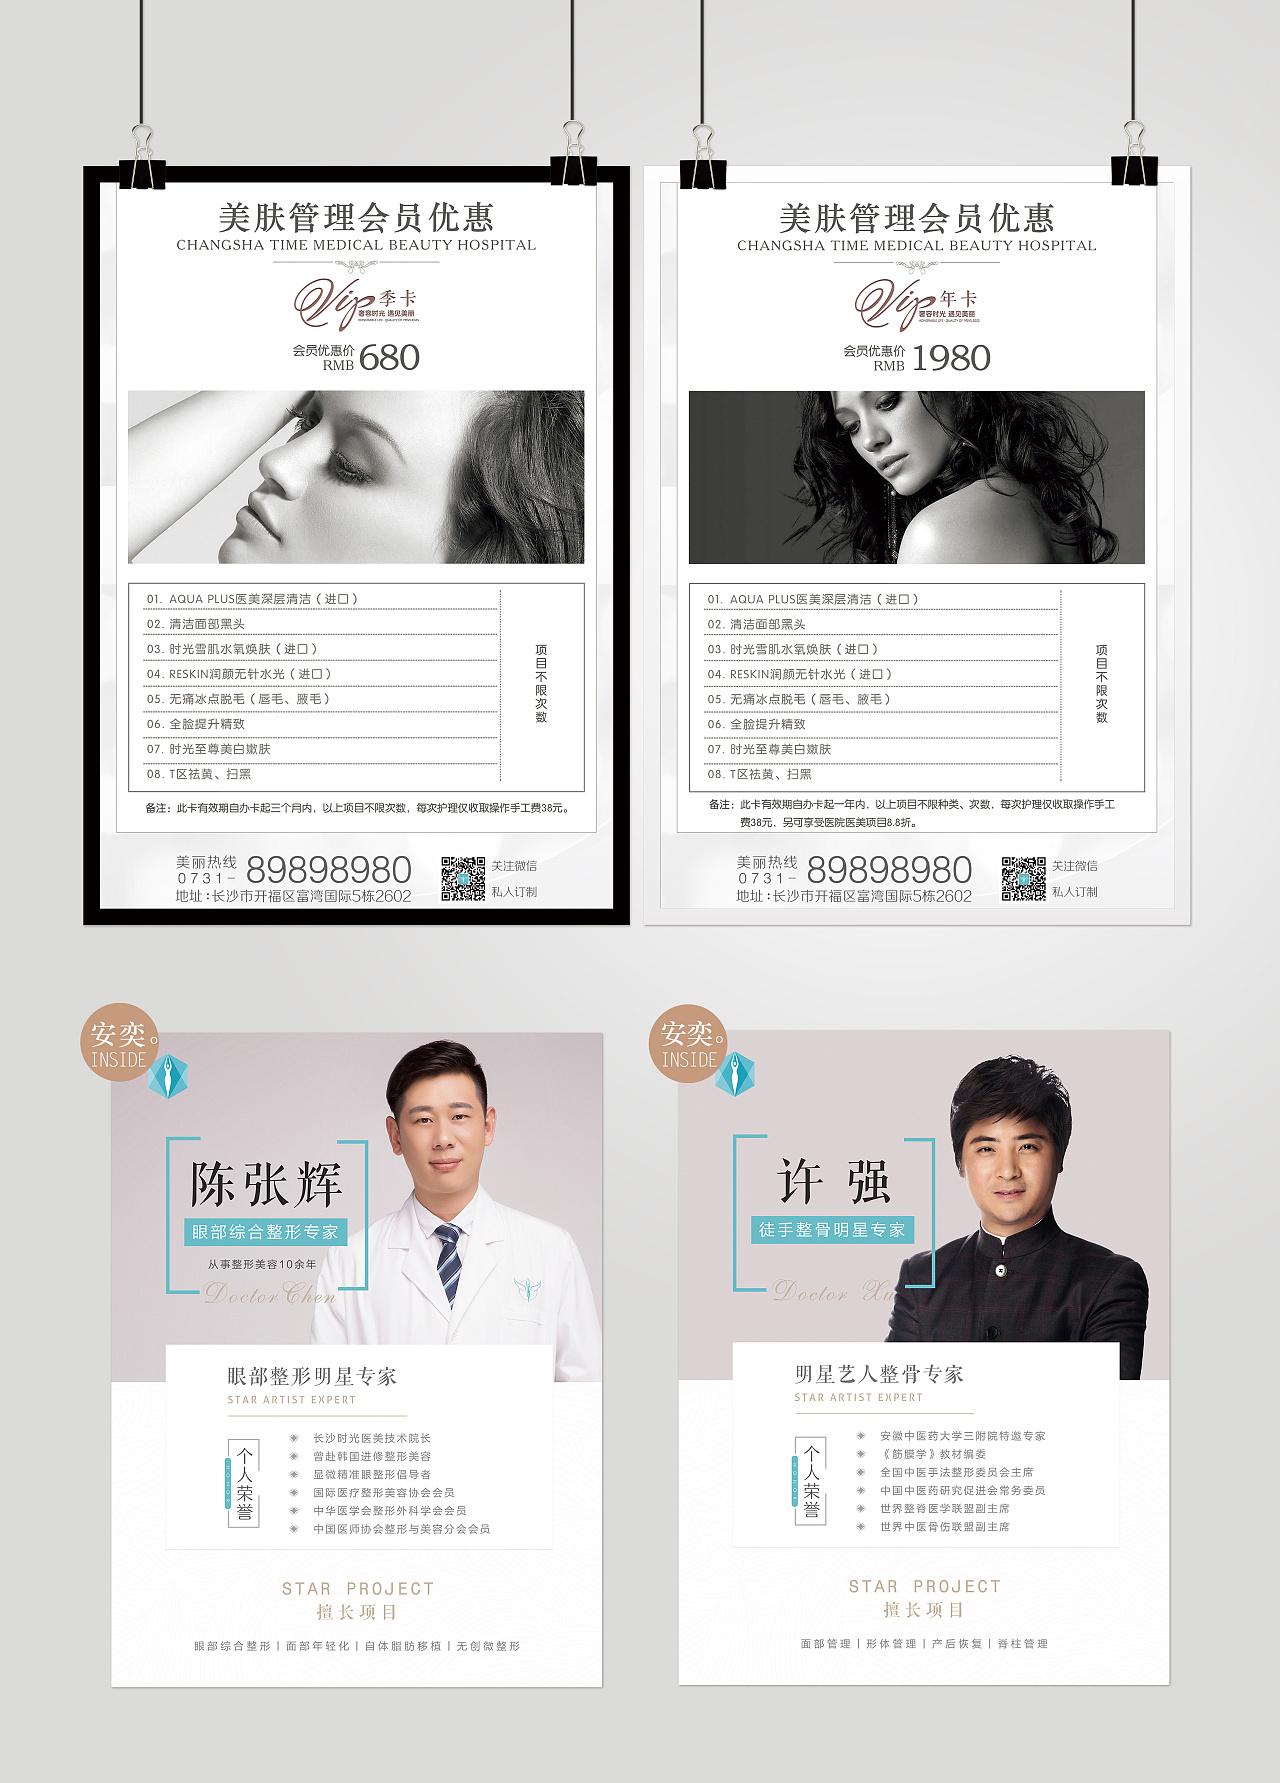 活动宣传手册楼书海报公司画册设计宣传册产品样本设计封面设计